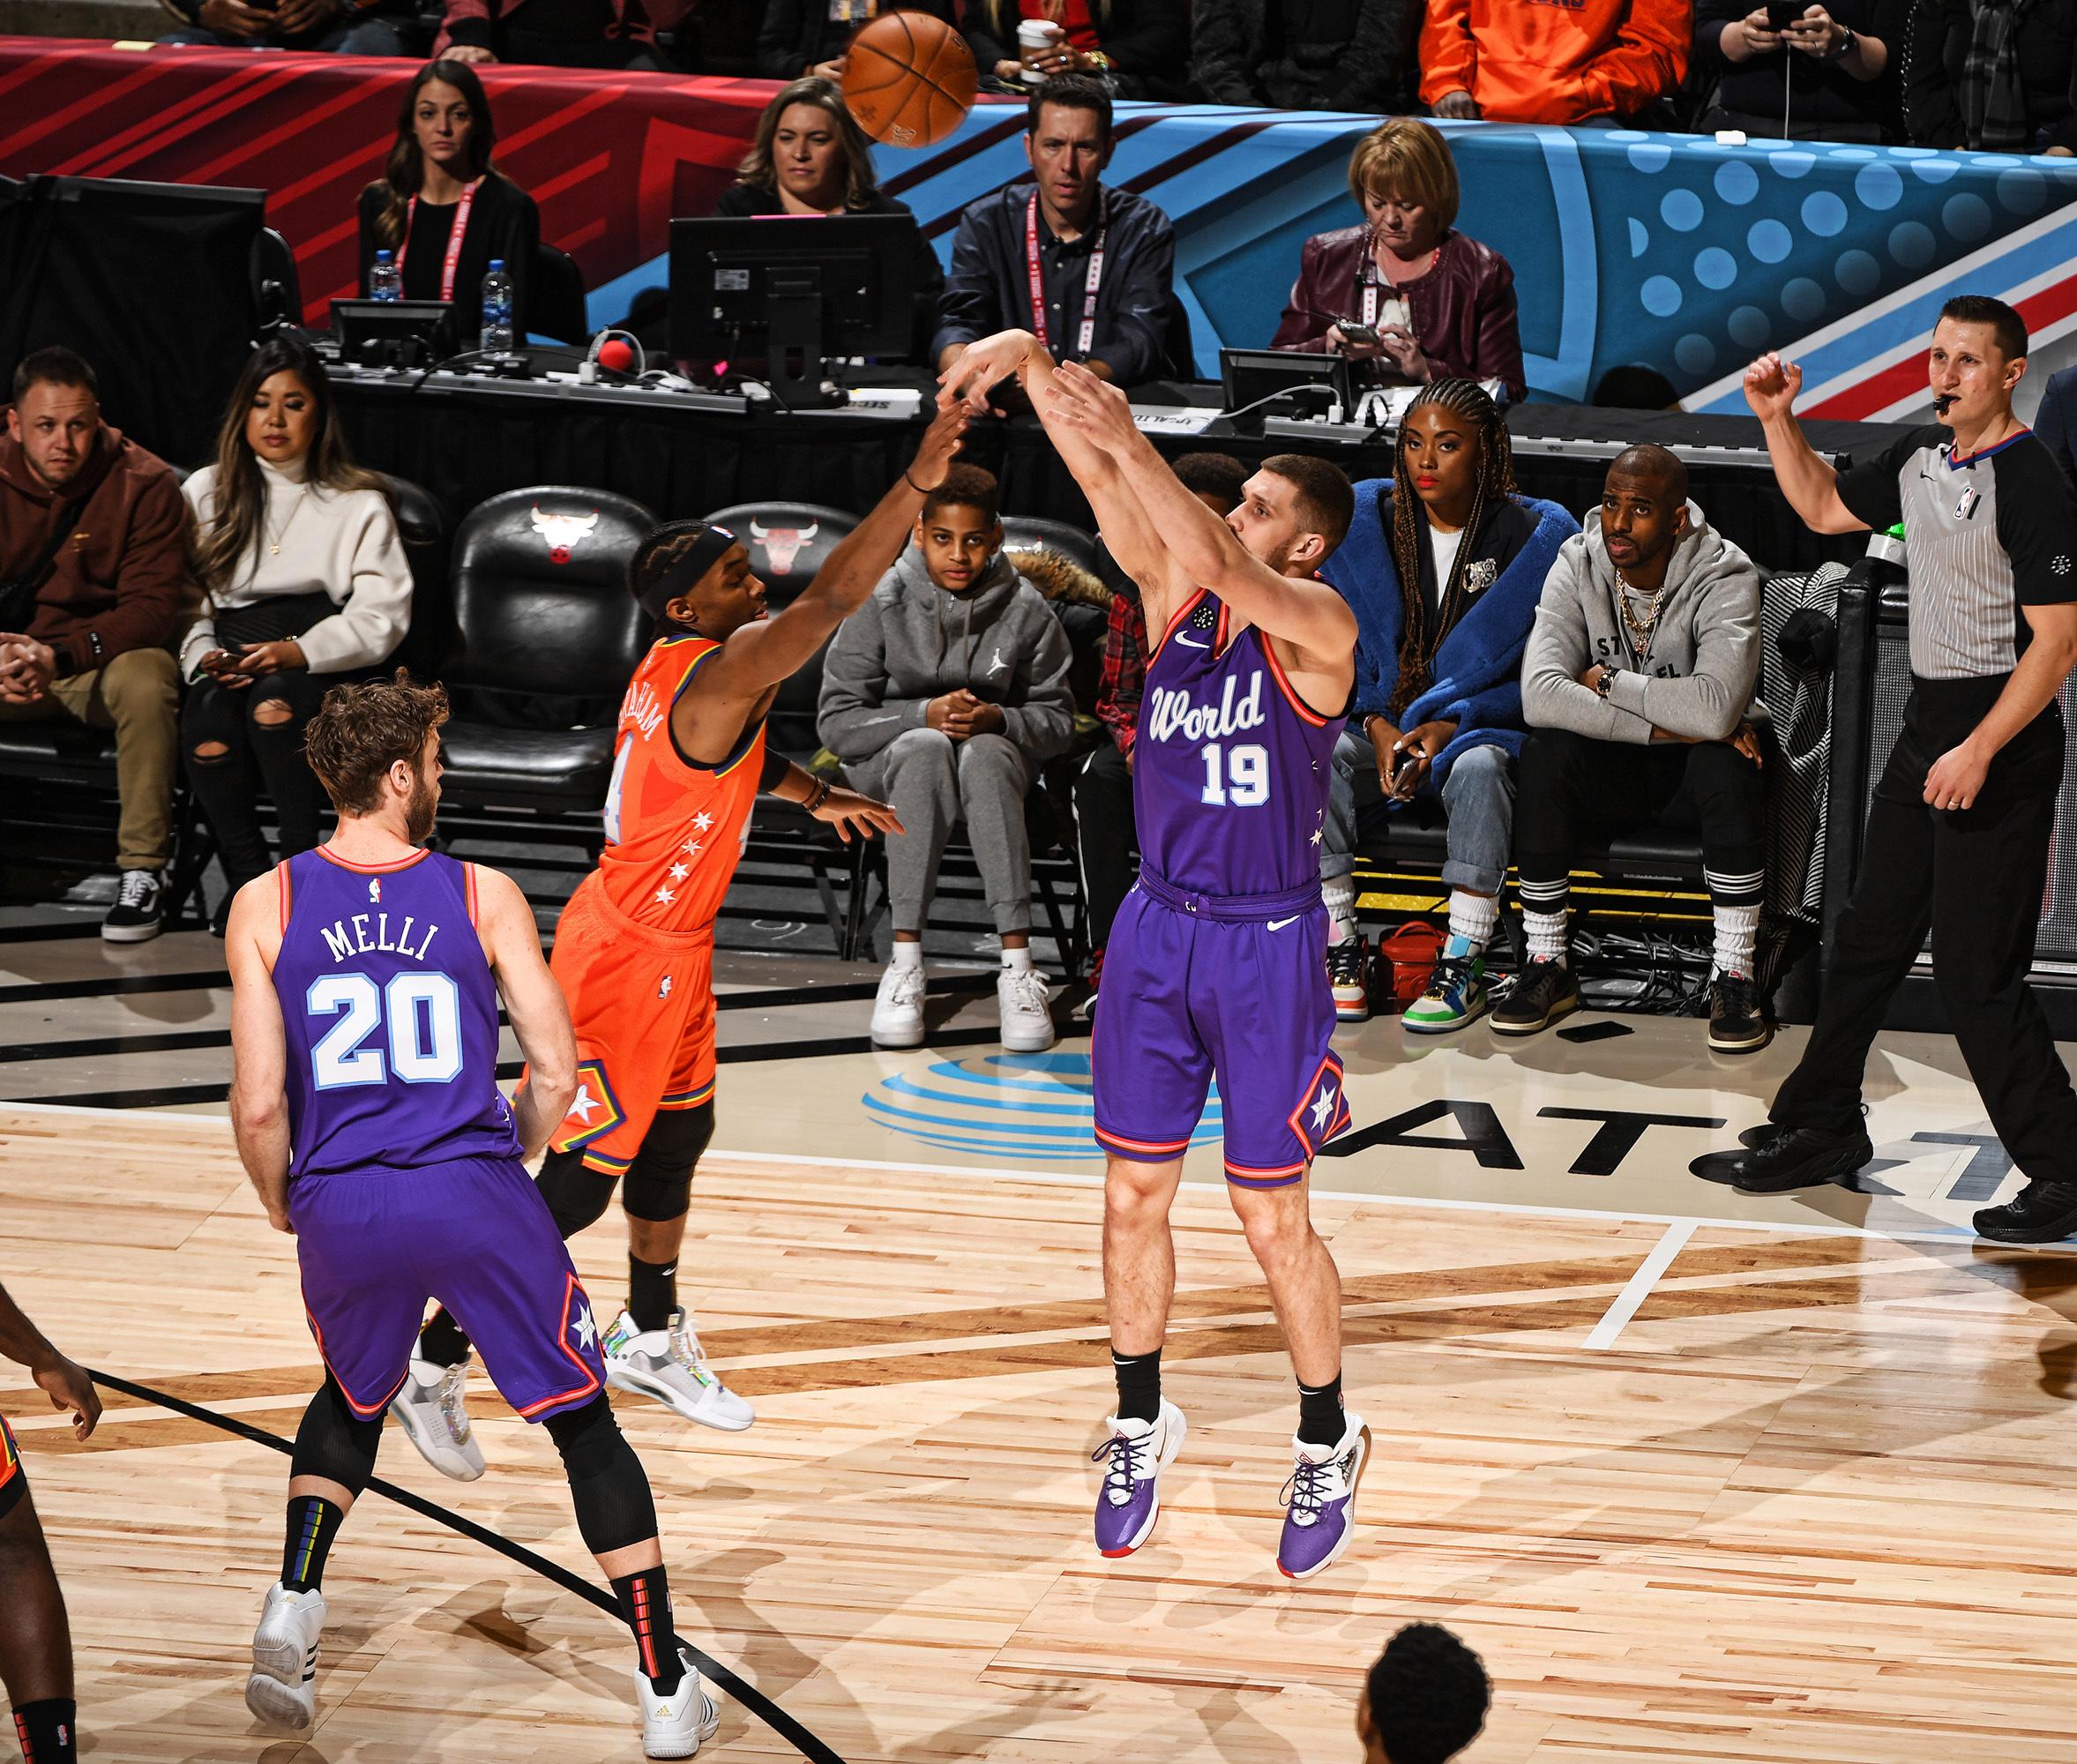 Патріотичний Святослав Михайлюк взяв участь у Матчі висхідних зірок НБА